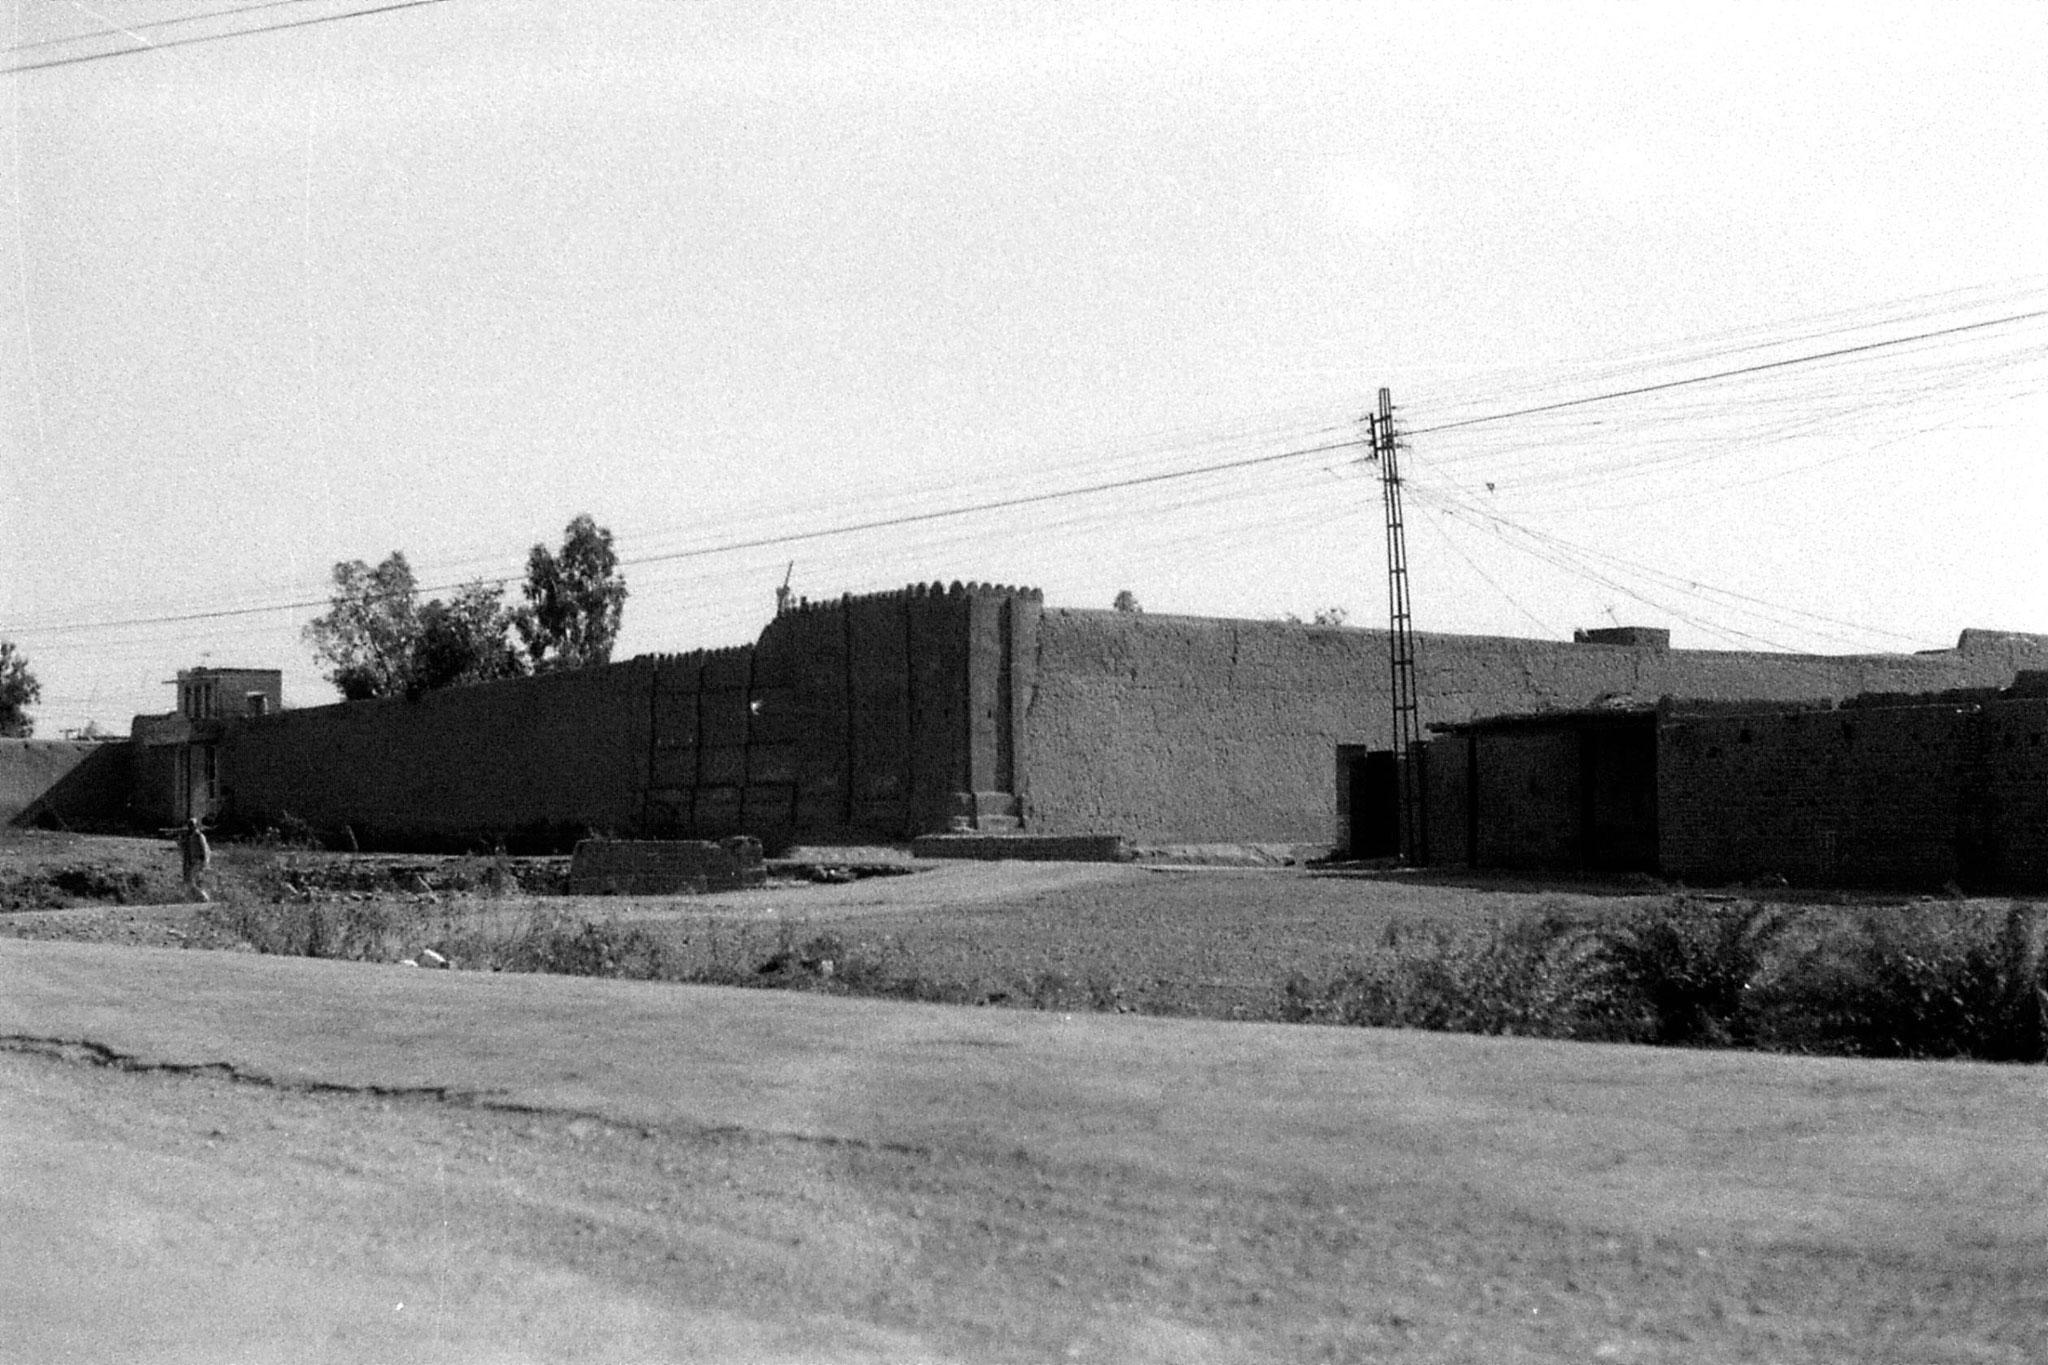 6/11/1989: 30: fortress near Peshawar